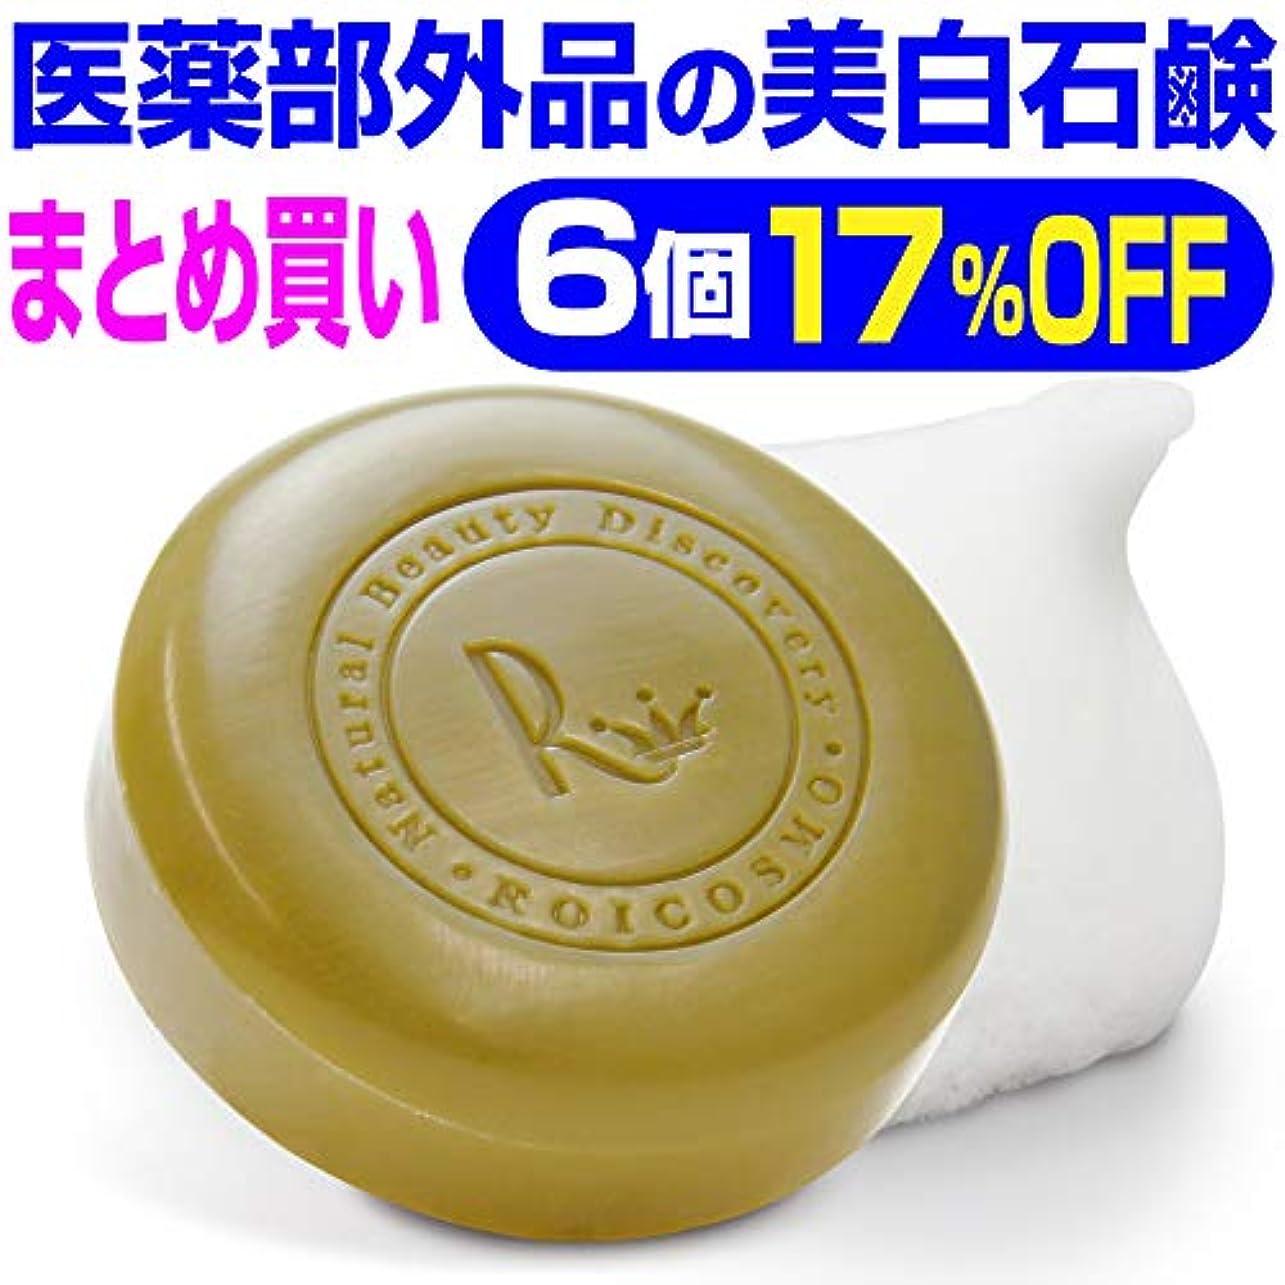 確認してください包括的補助金6個まとめ買い17%OFF 美白石鹸/ビタミンC270倍の美白成分配合の 洗顔石鹸『ホワイトソープ100g×6個』